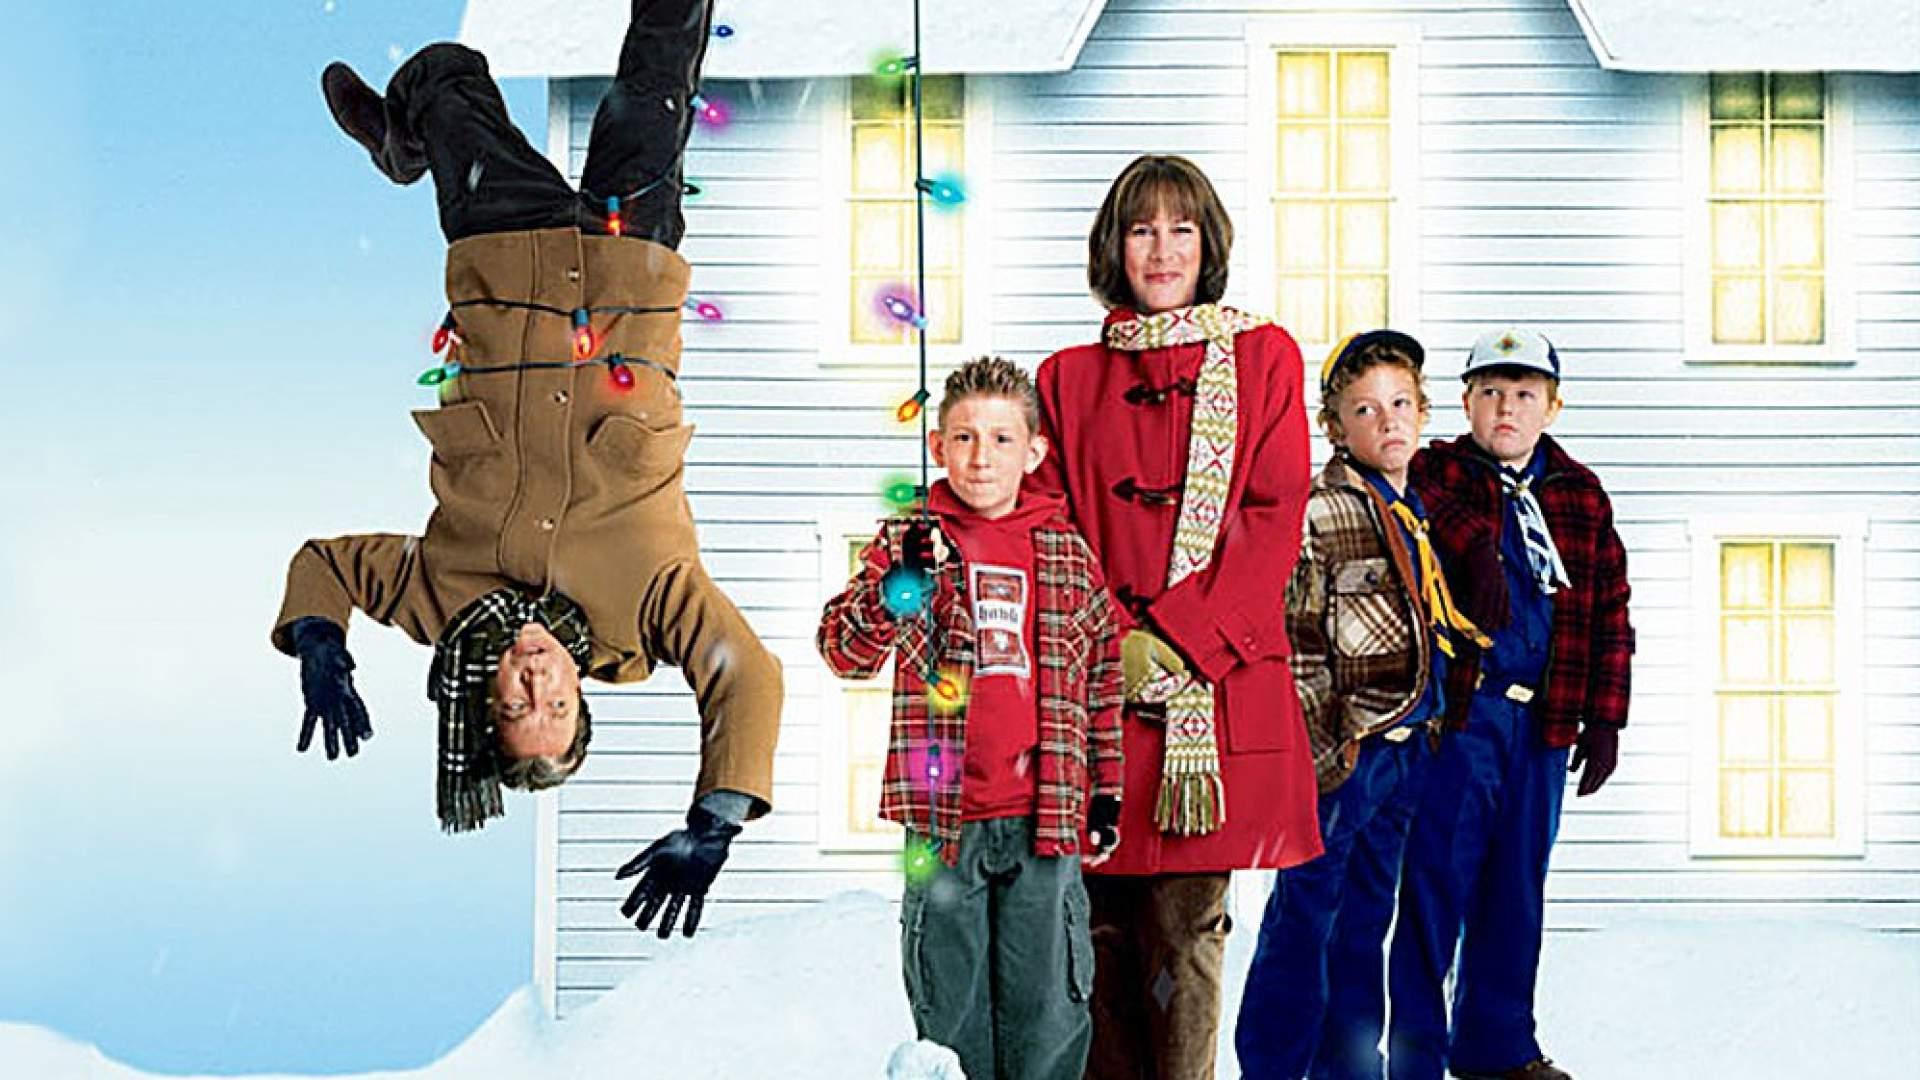 Weihnachtsfilme bei Netflix 2017 | TrailerSeite FILM.TV